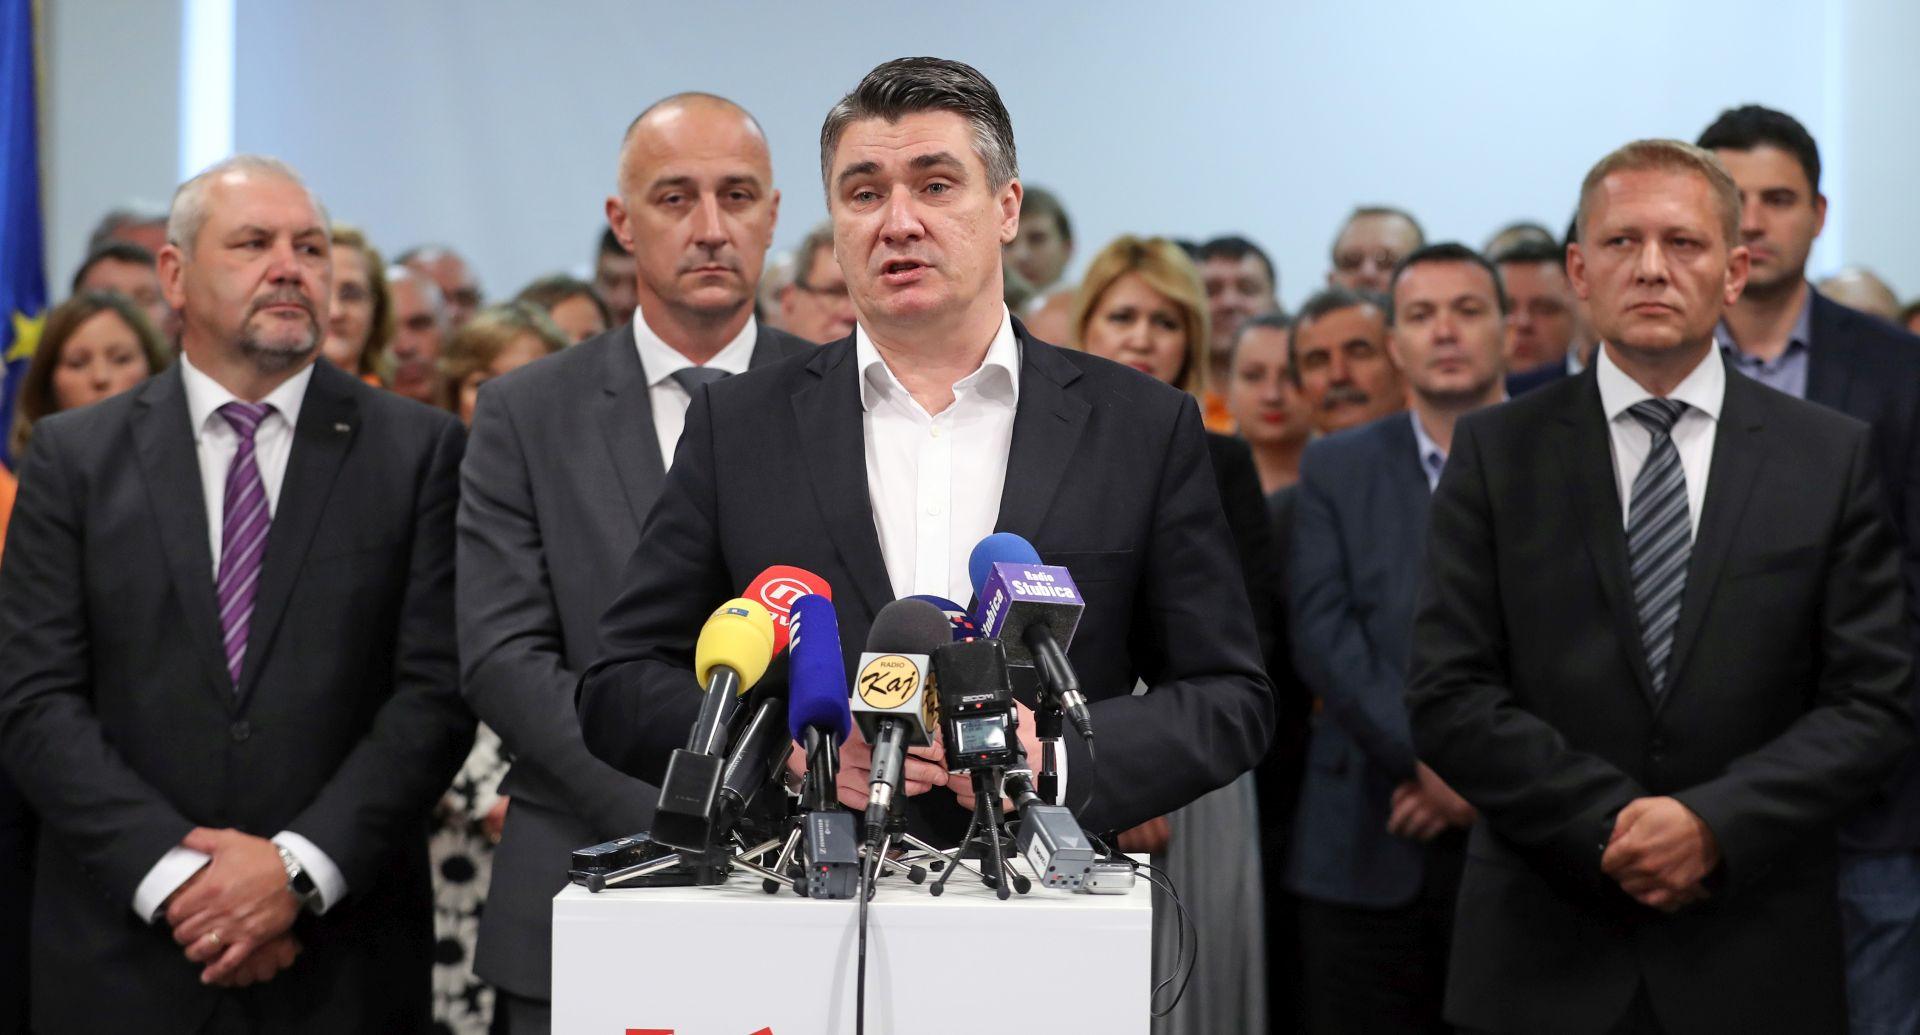 Narodna koalicija objavila troškove kampanje, minus od 1, 8 milijuna kuna